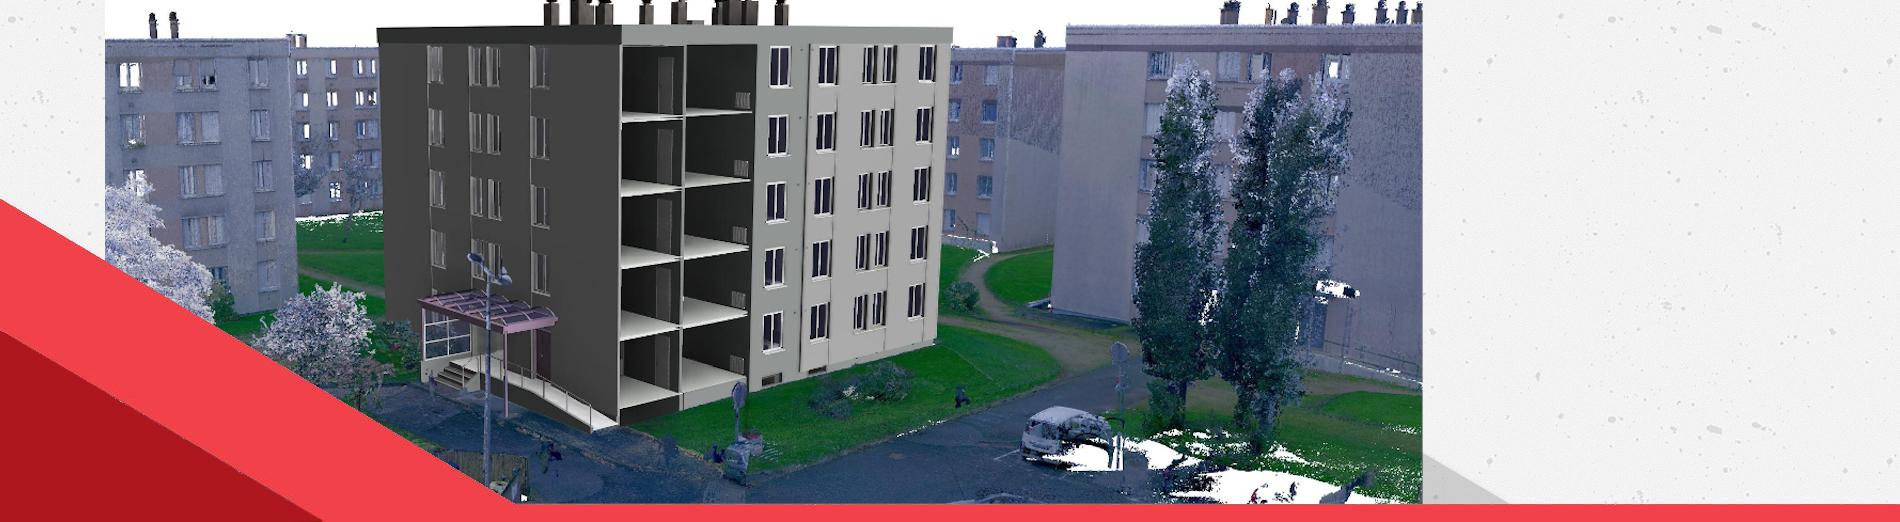 Relevé 3D et construction de la maquette numérique de logements sociaux